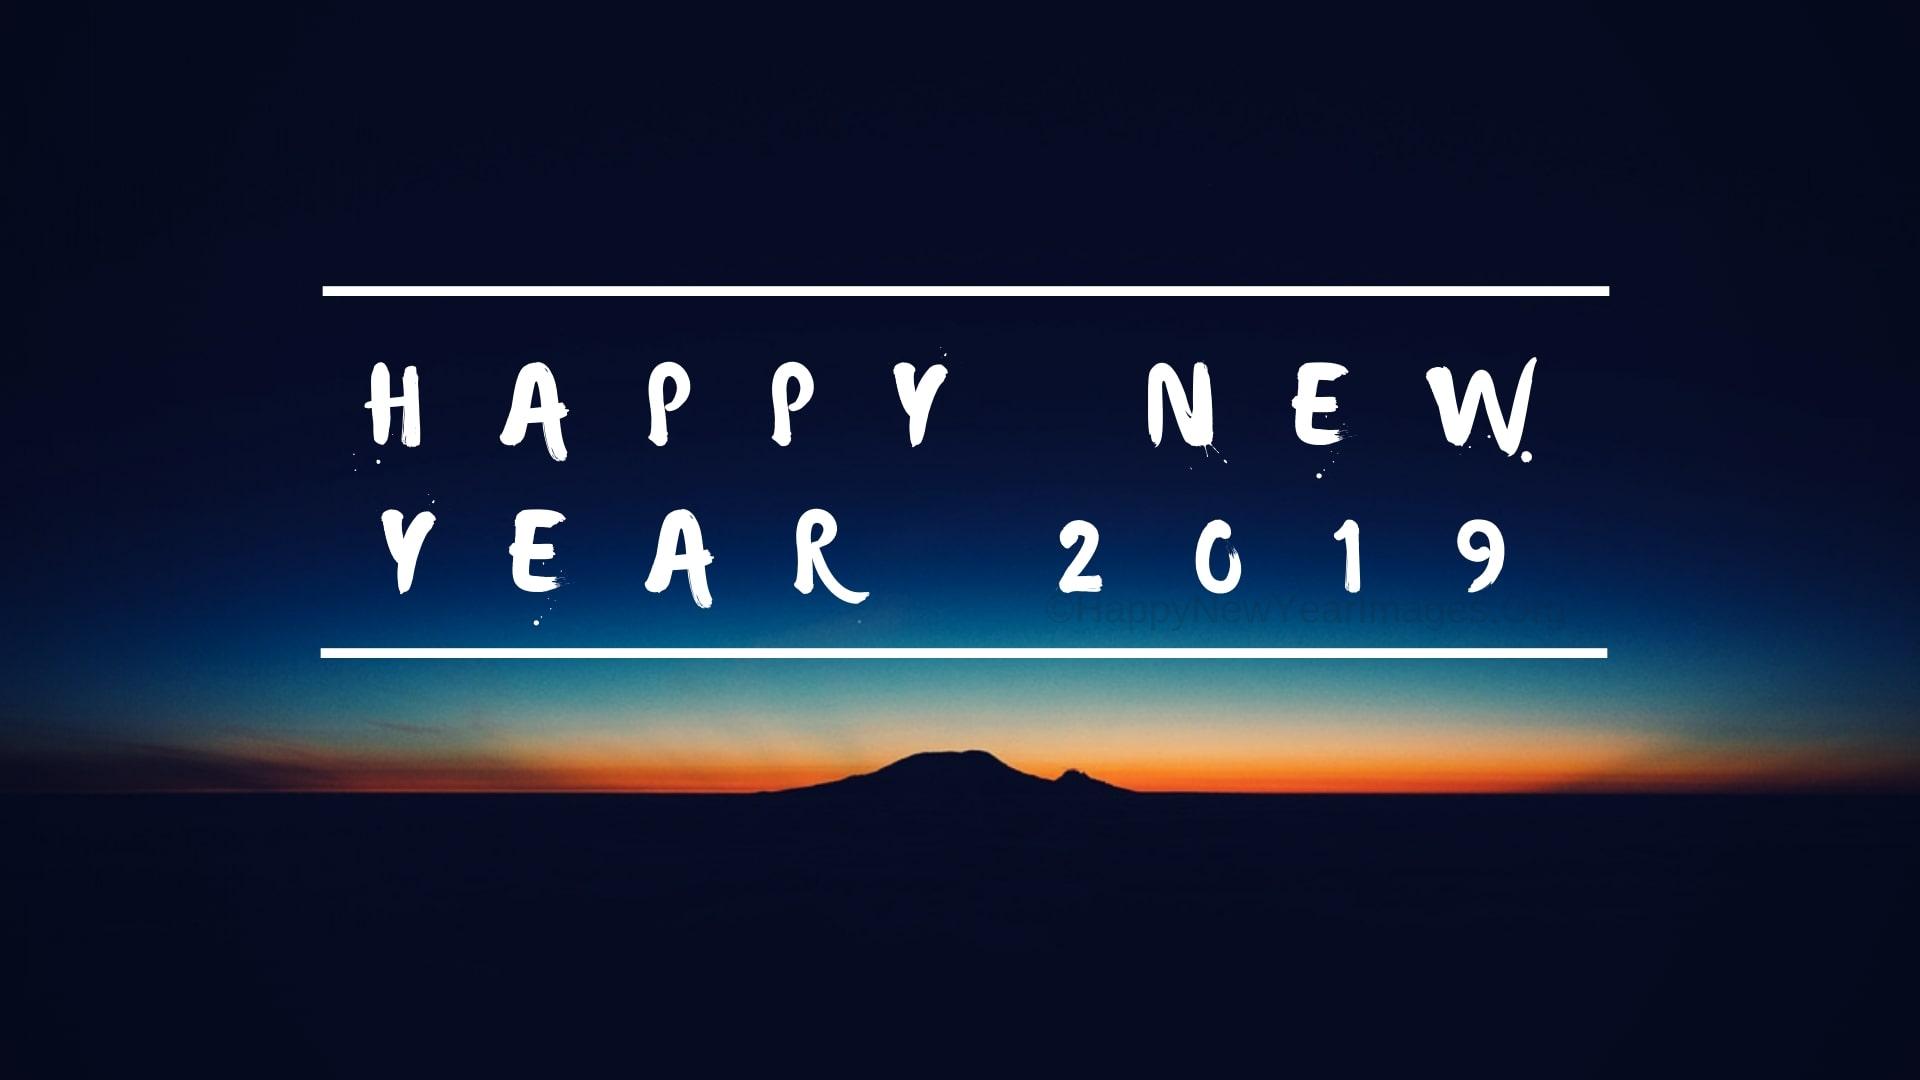 Meilleurs Vœux 2019 Bonne Année 2019